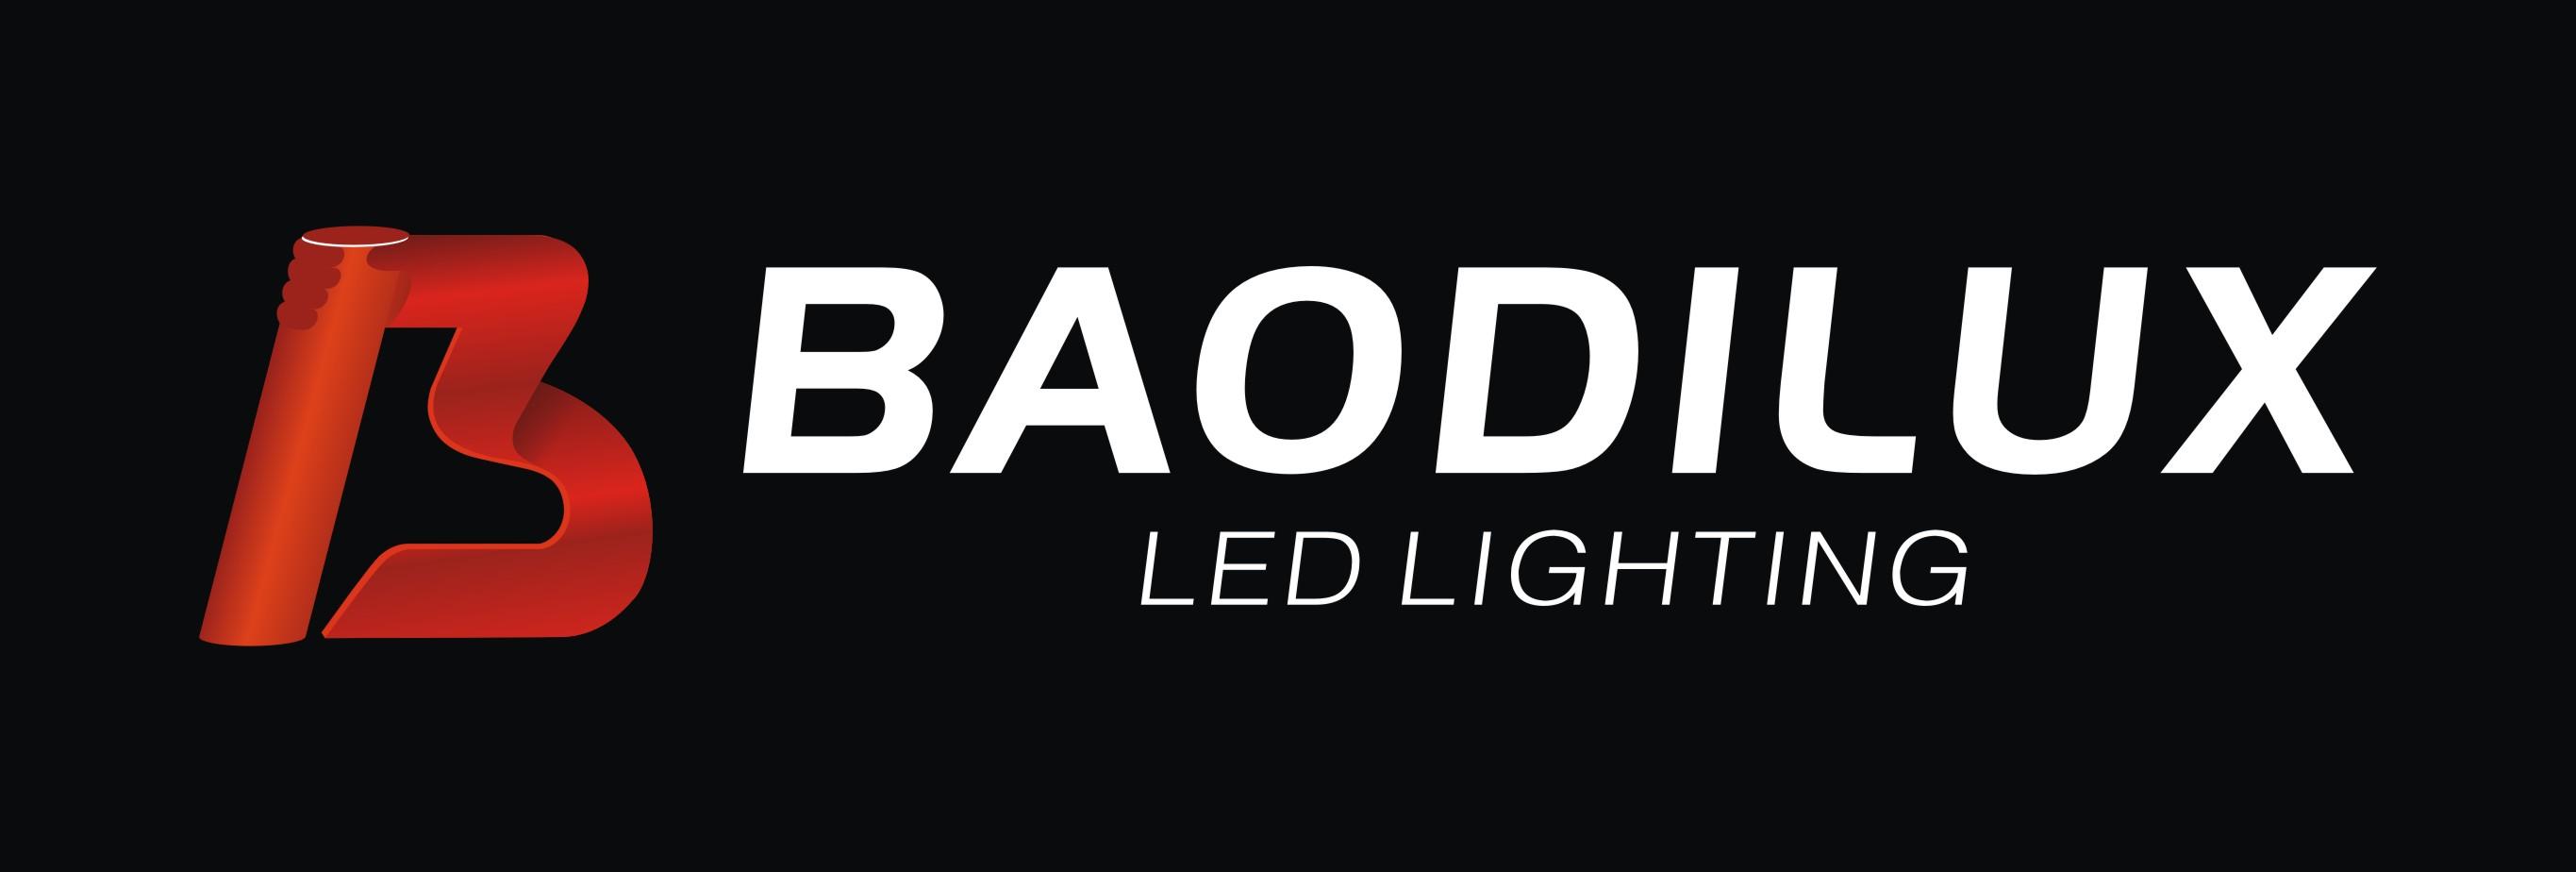 LED射灯生产厂家|直销批发价格|优势供货商电话地址|产品报价目录|十大品牌